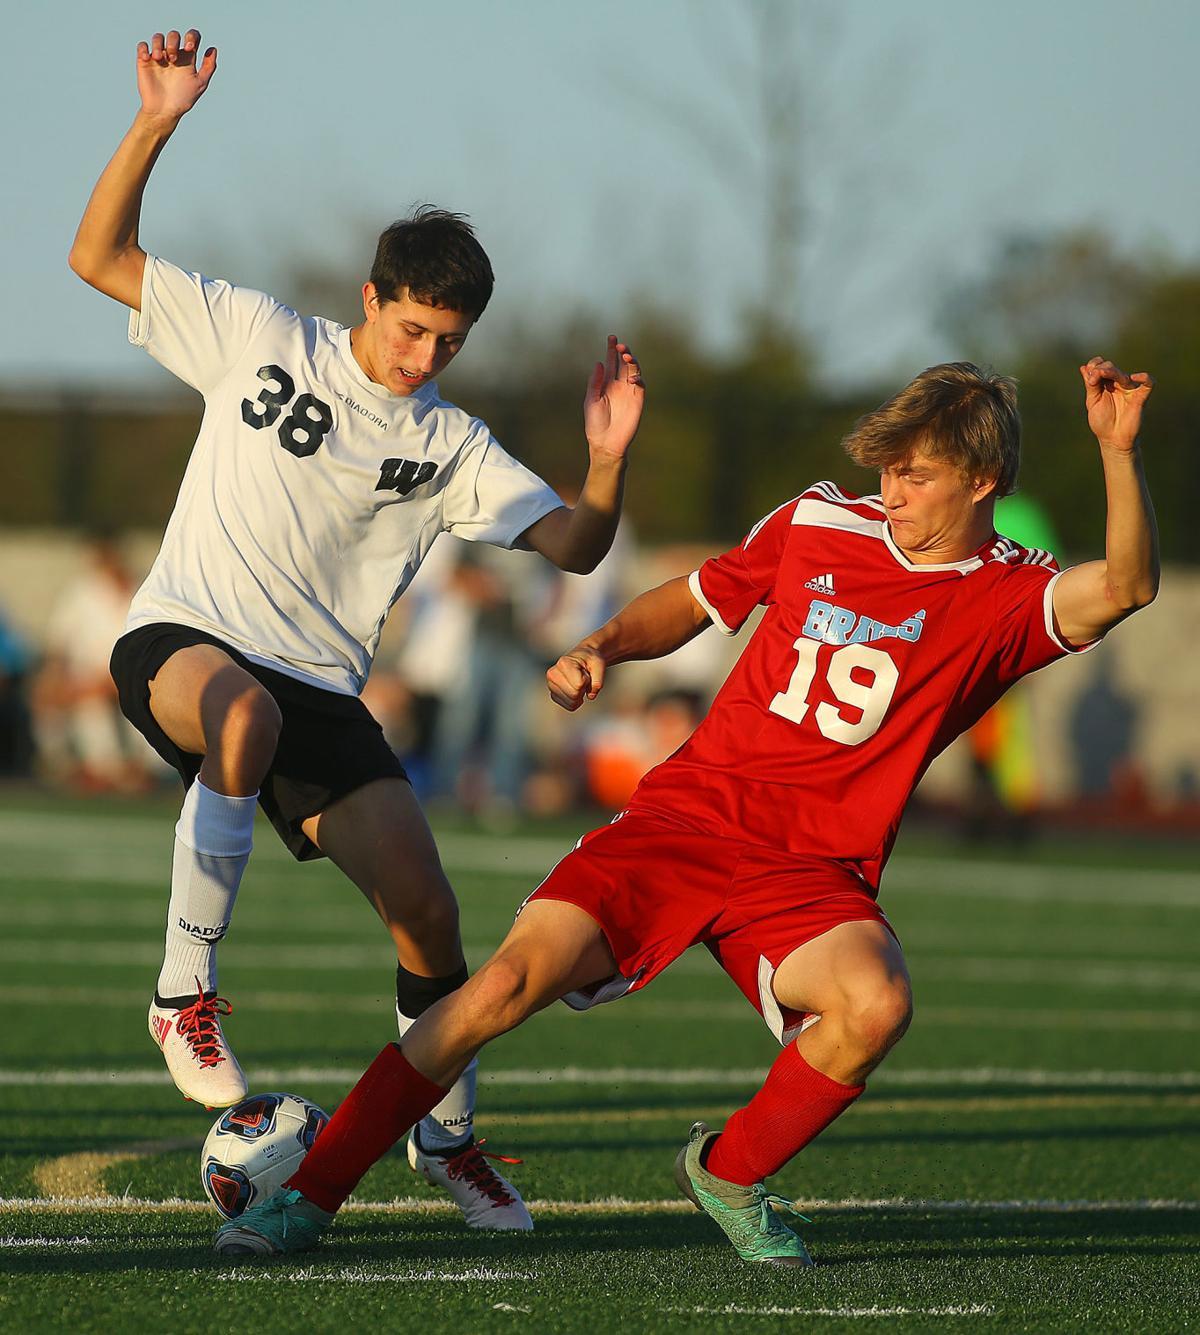 WHS vs Mac soccer 11.jpg